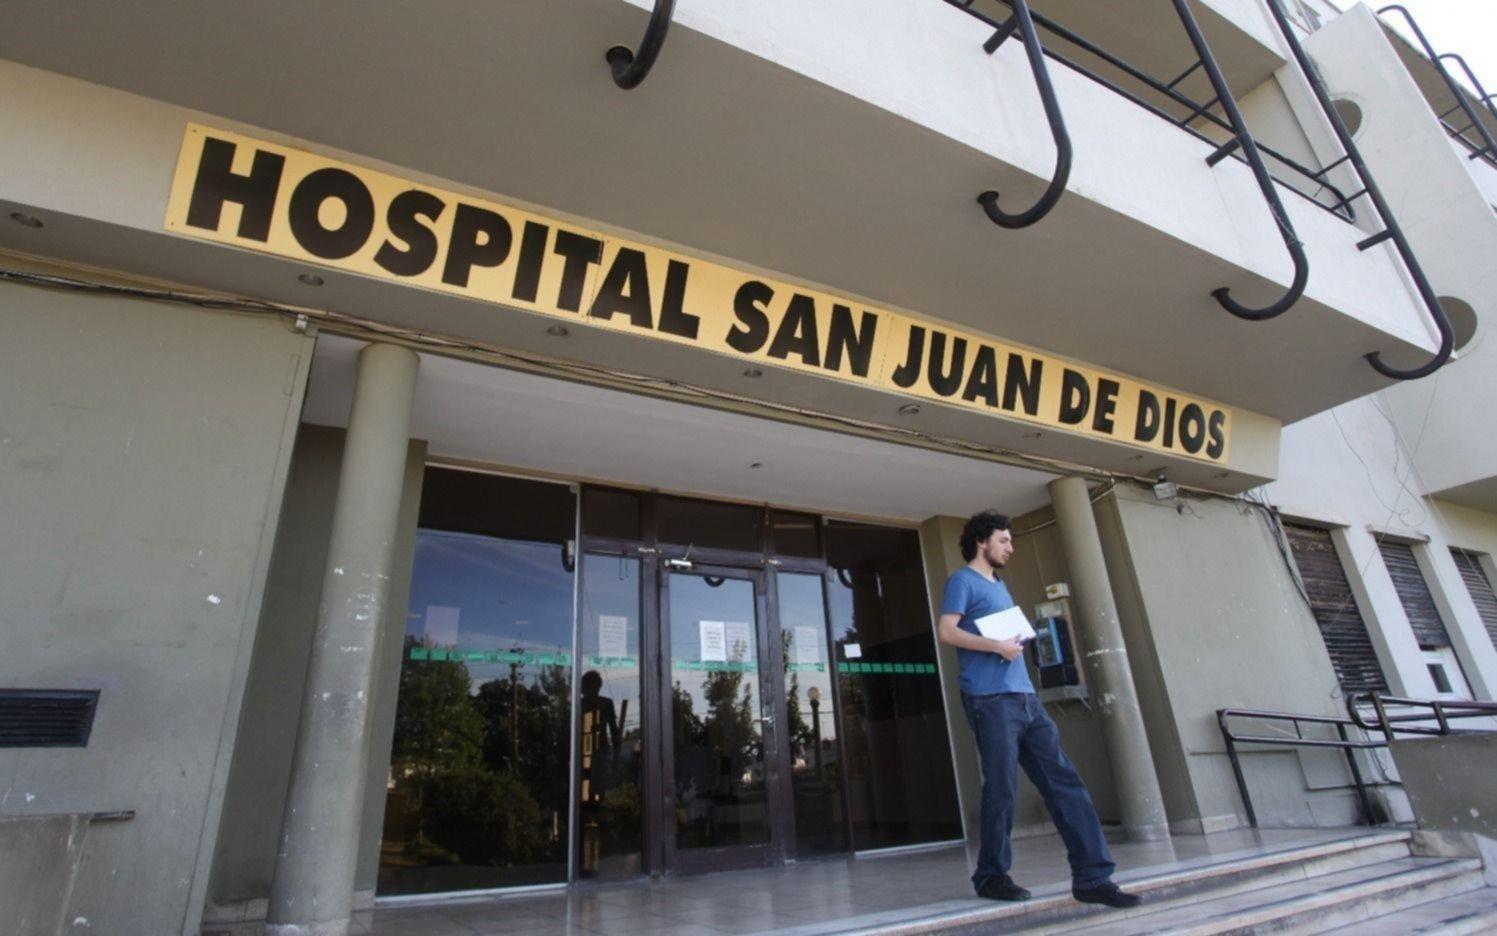 Con distintas actividades celebran los 142 años del hospital San Juan de Dios